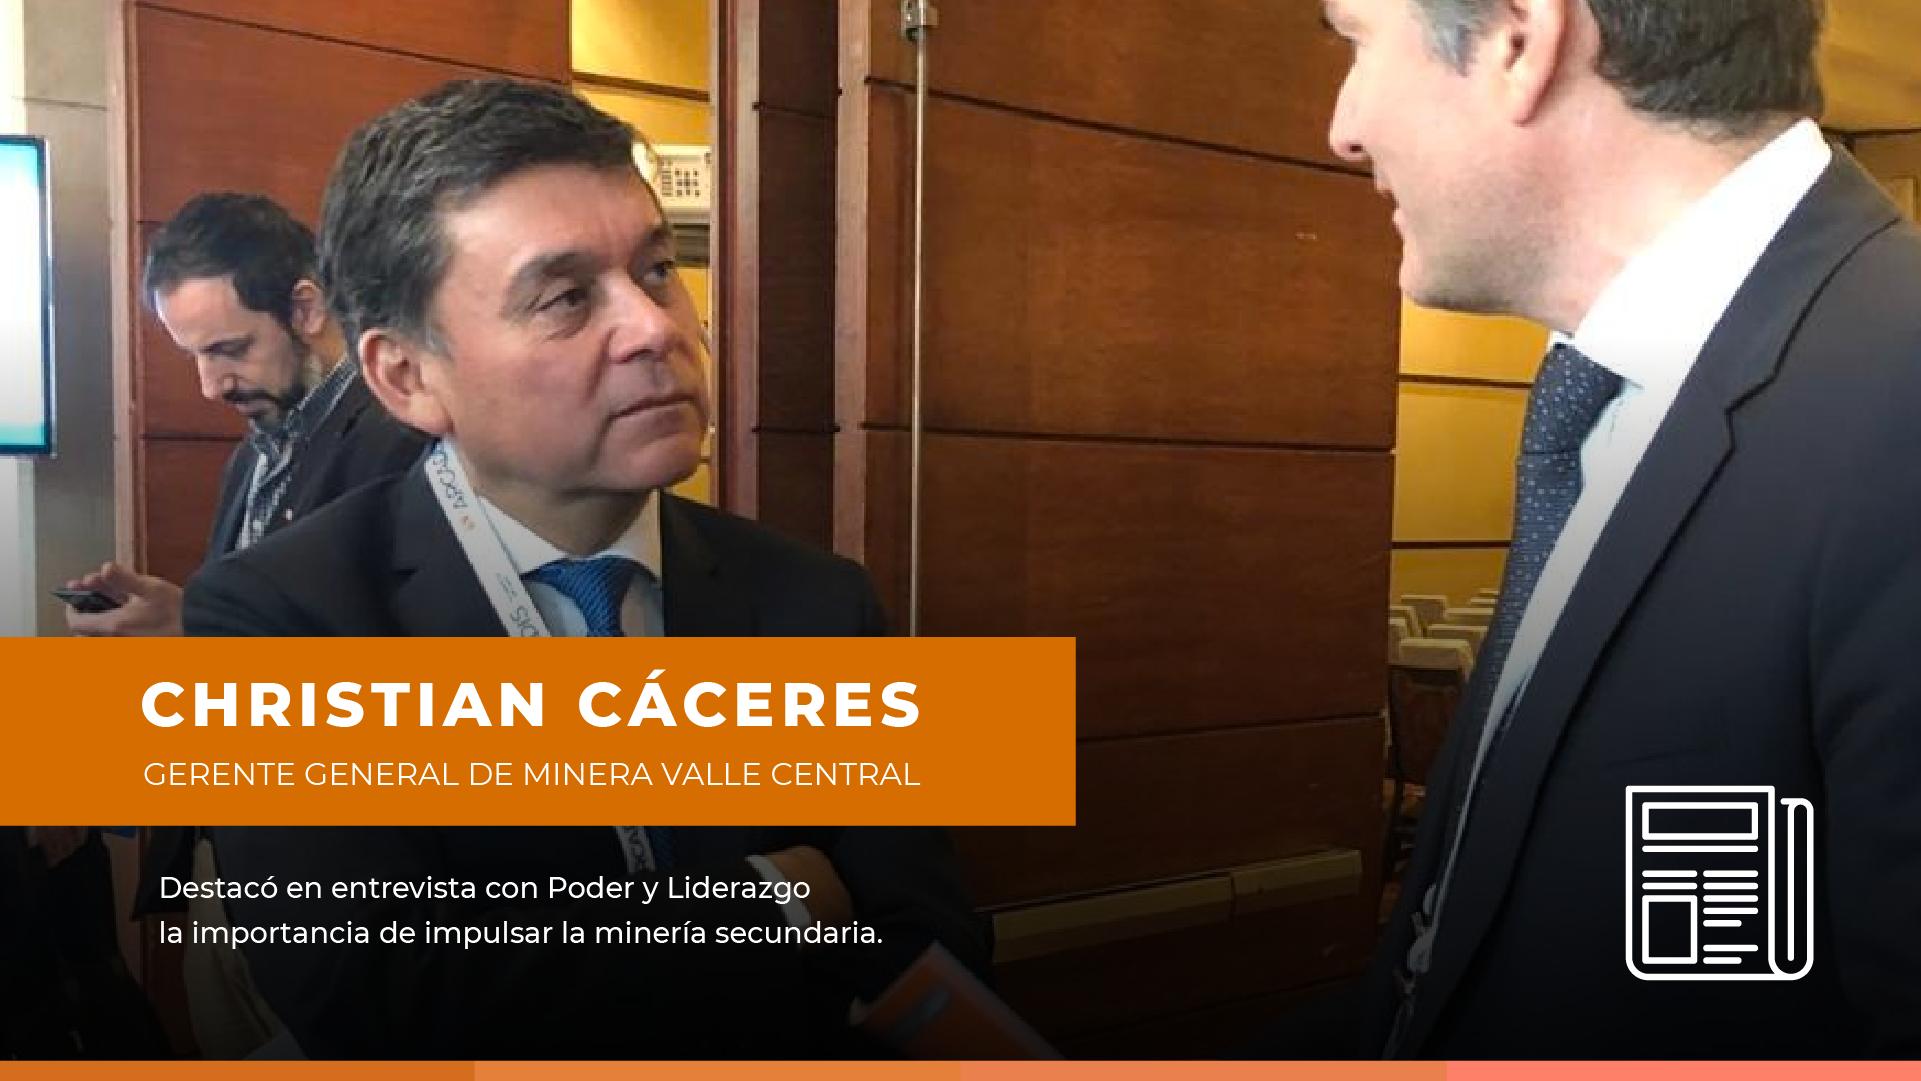 """Christian Cáceres: """"Minera Valle Central es un actor protagónico a la hora de hablar de Minería Secundaria"""""""